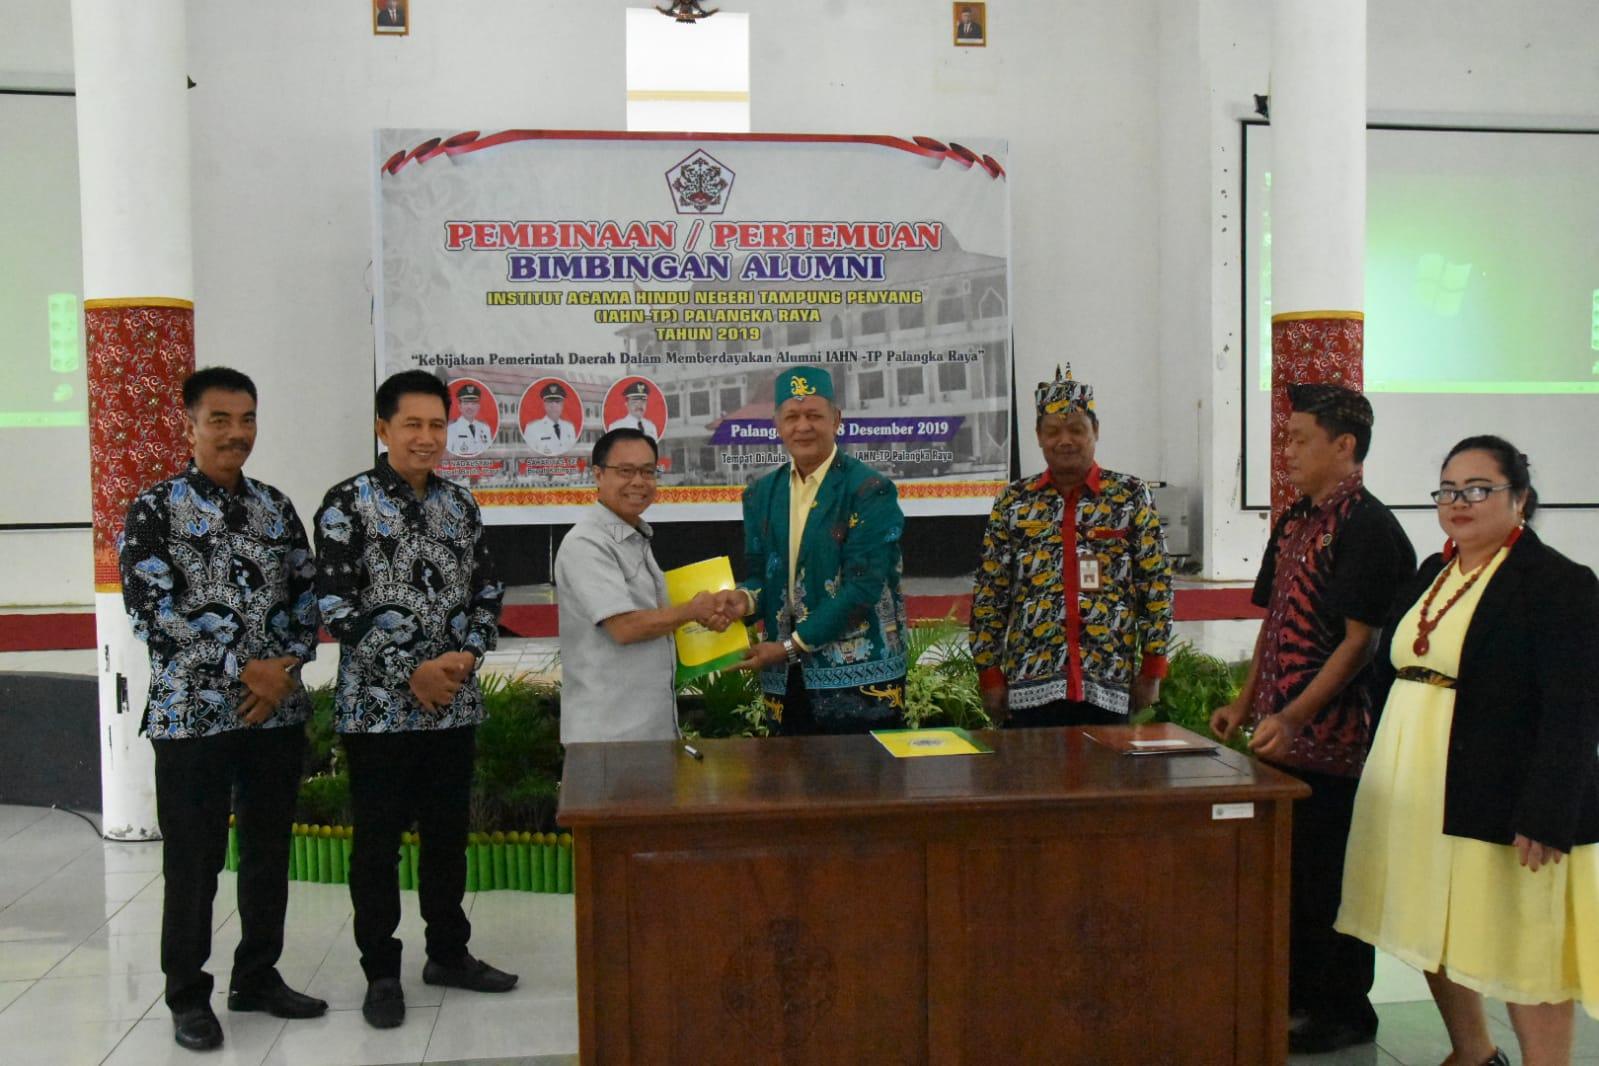 H Koyem Hadiri Temu Alumni IAHN TP Palangka Raya